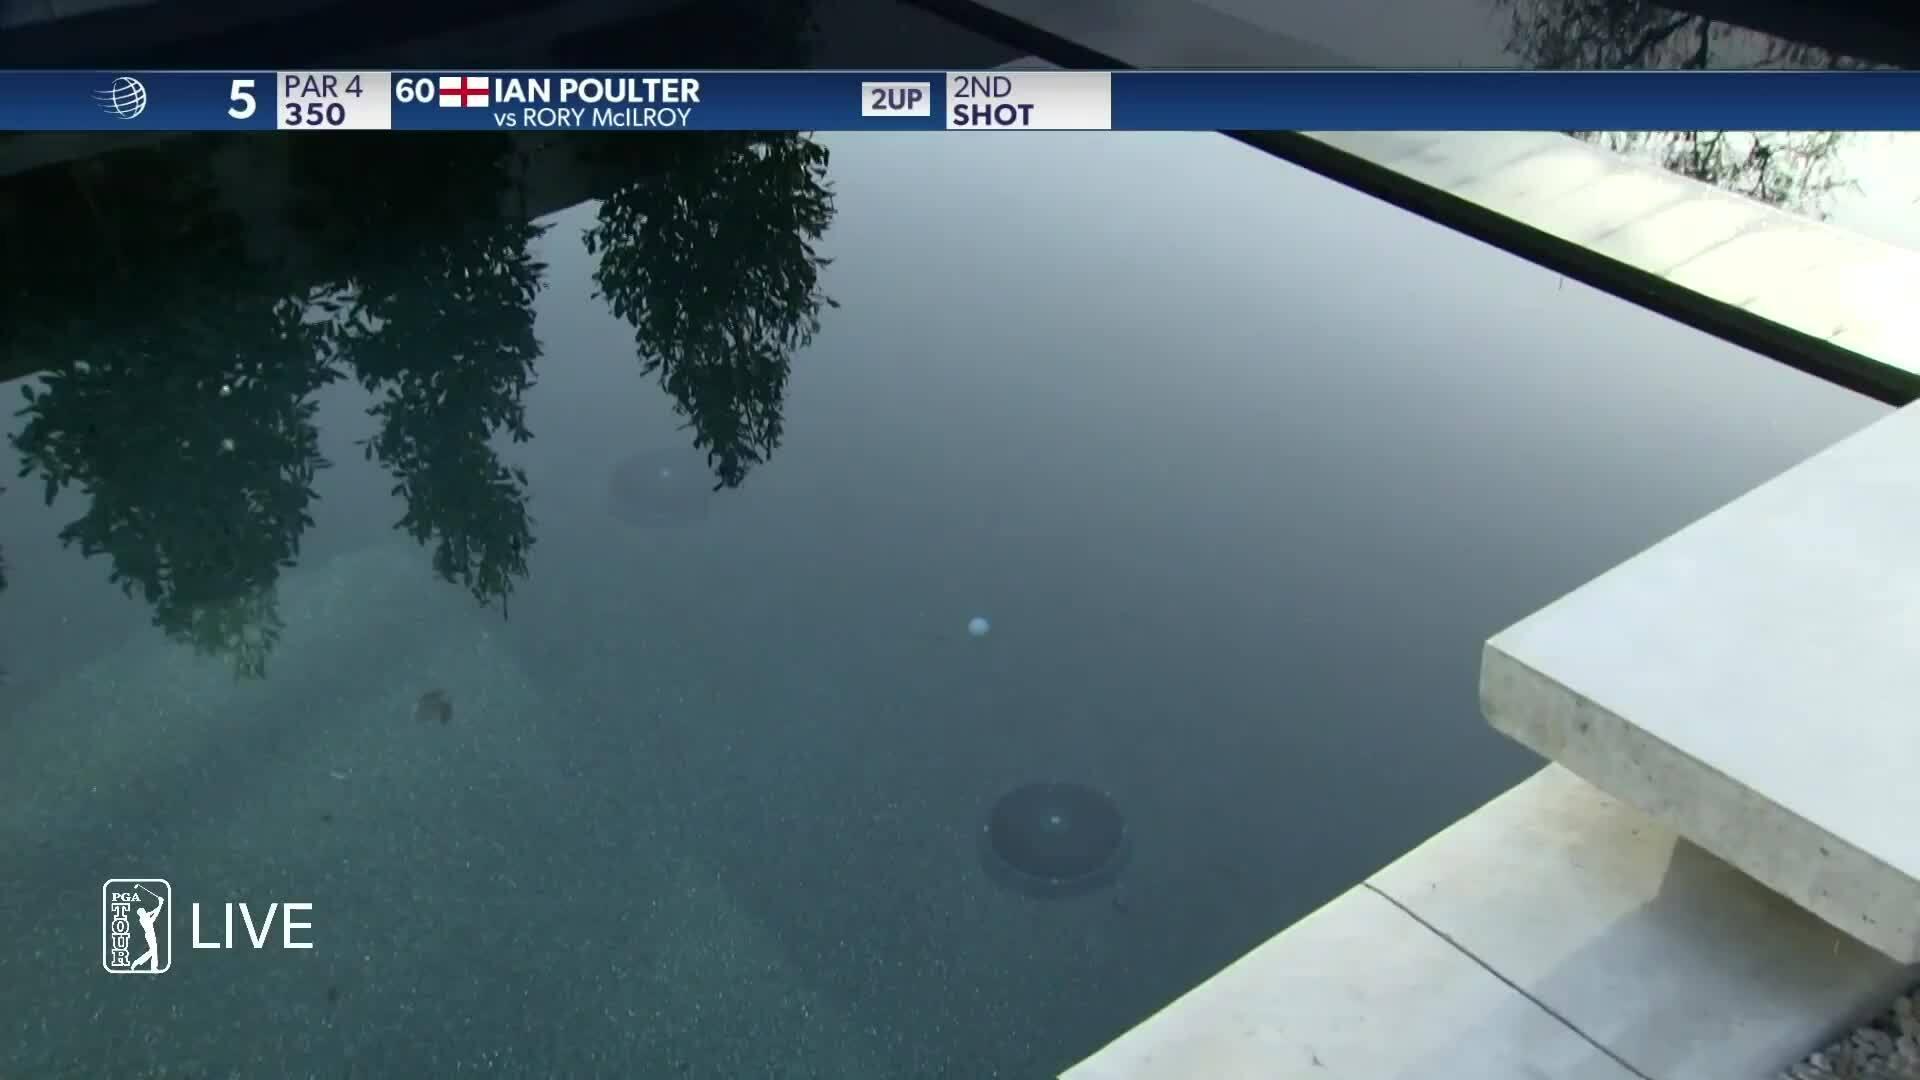 McIlroy đánh bóng xuống bể bơi